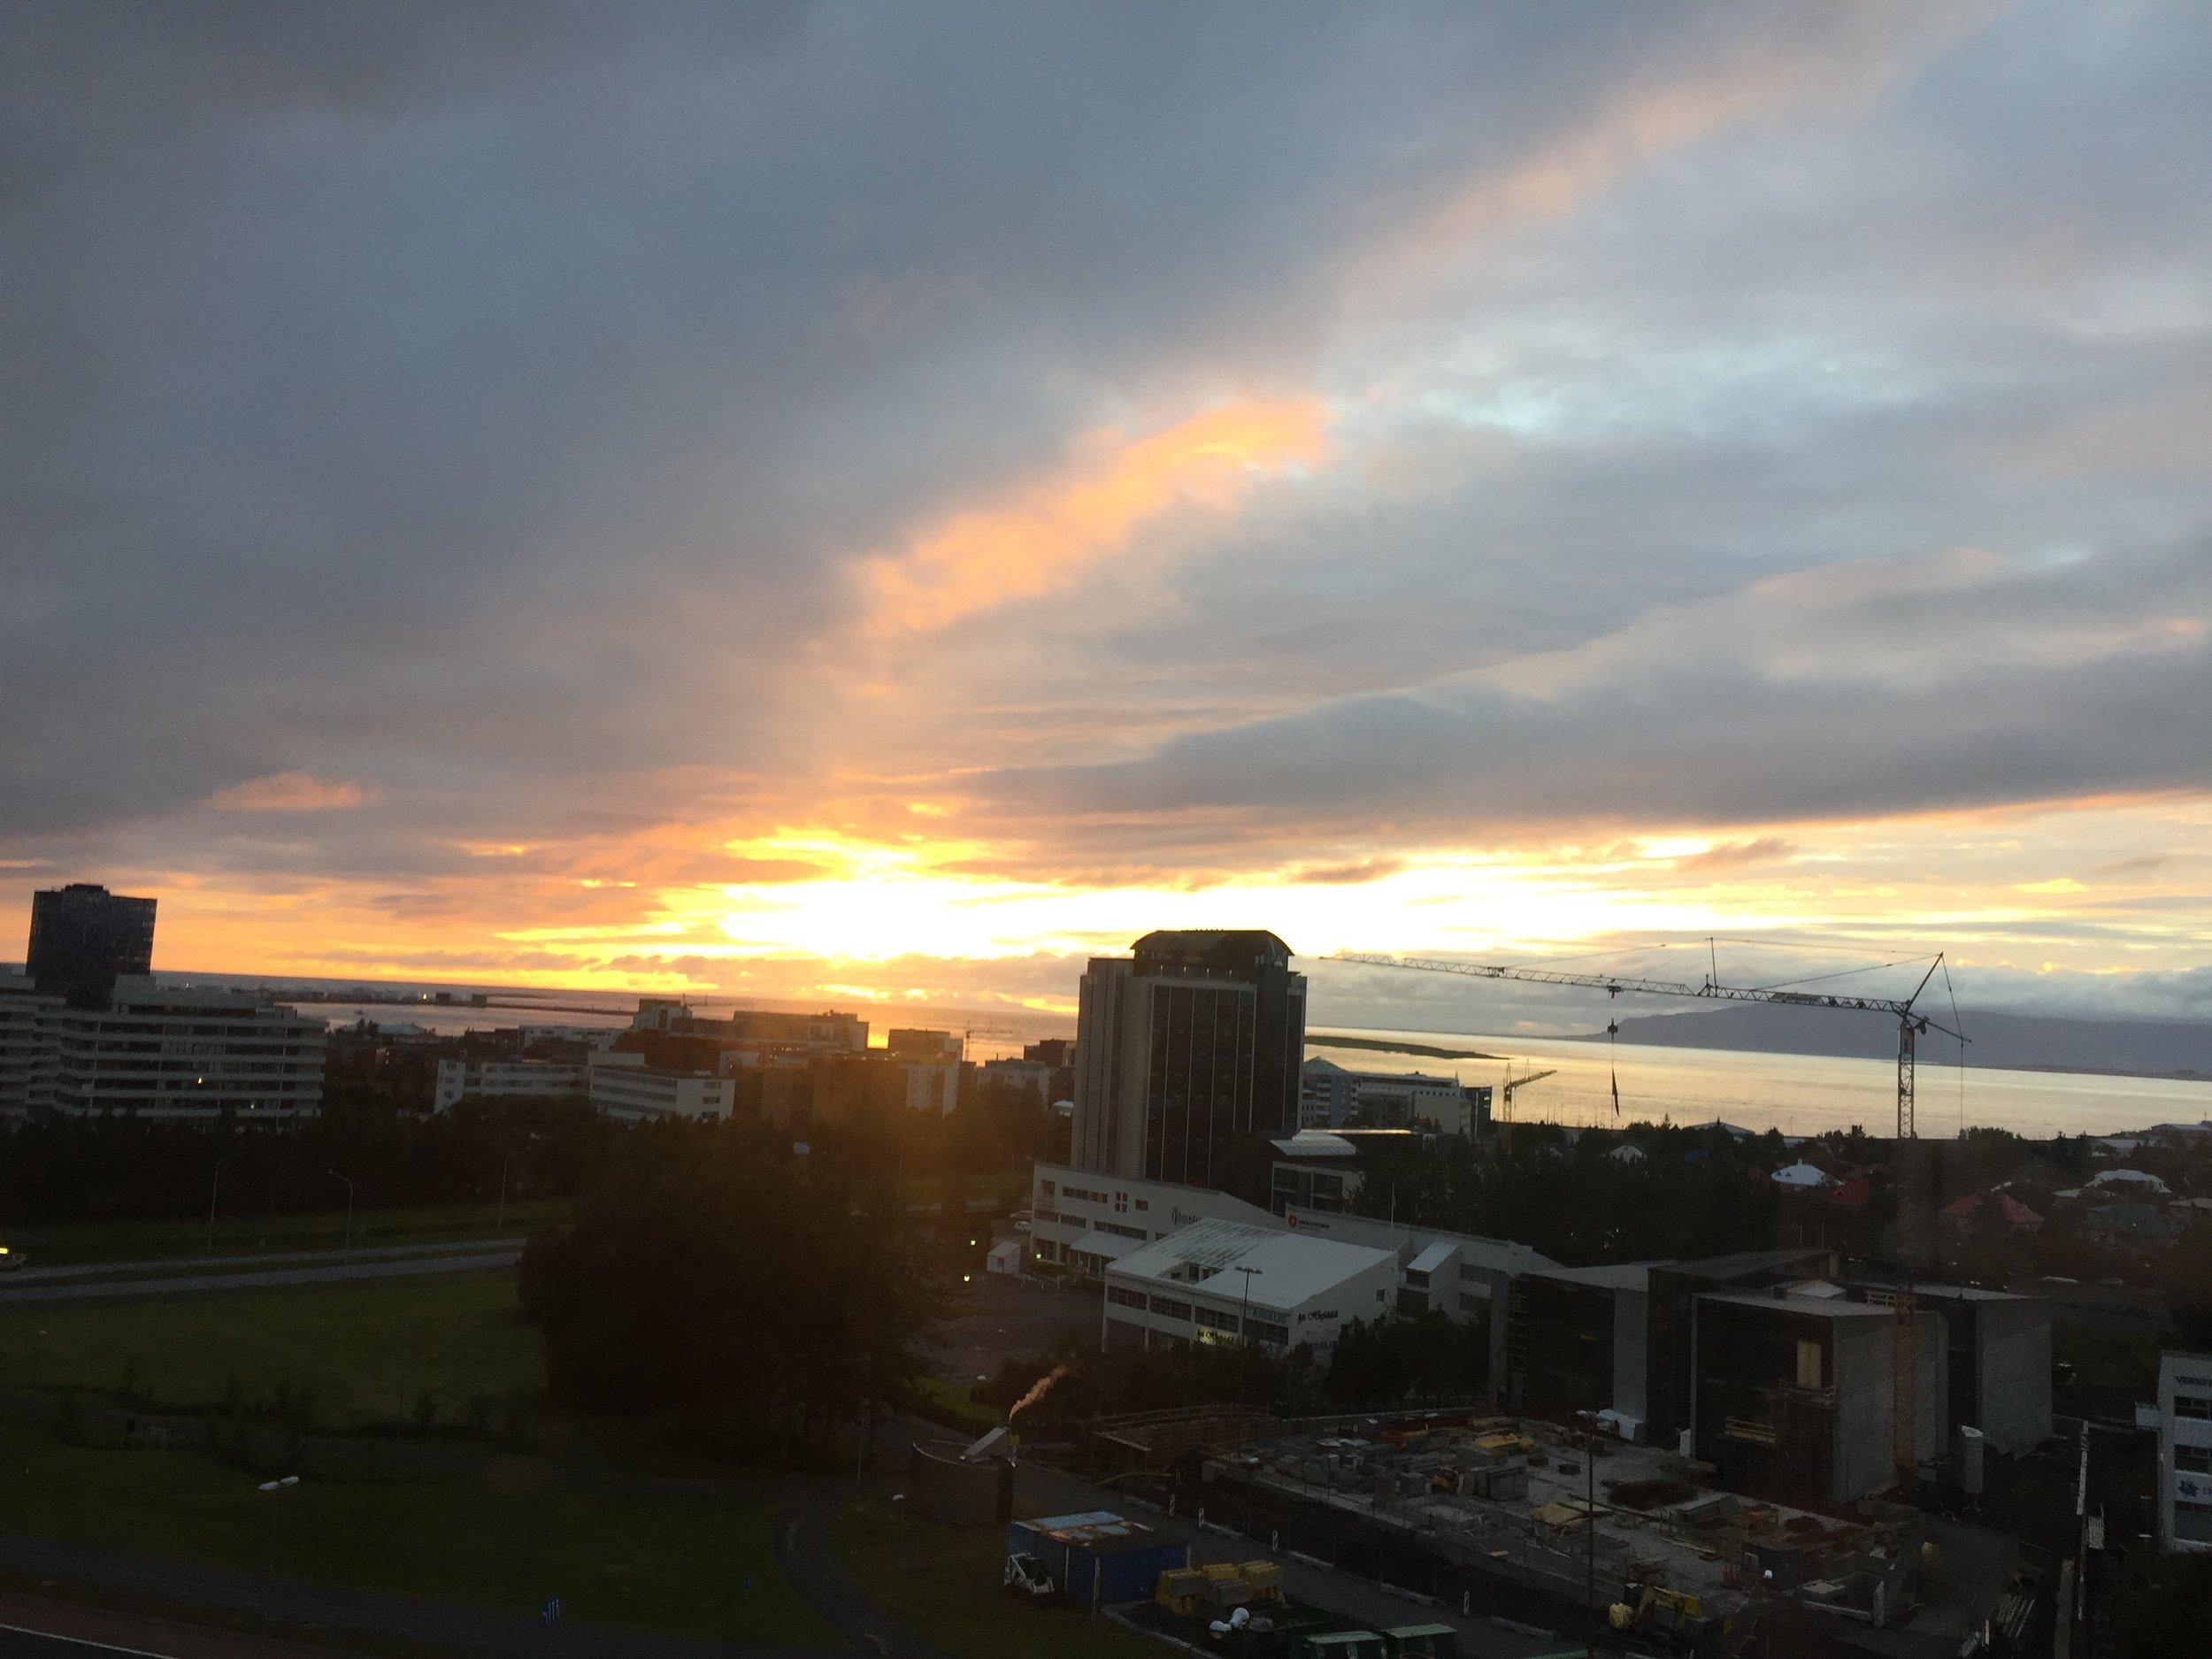 Sunset over Reykjavik - at 11:30pm!